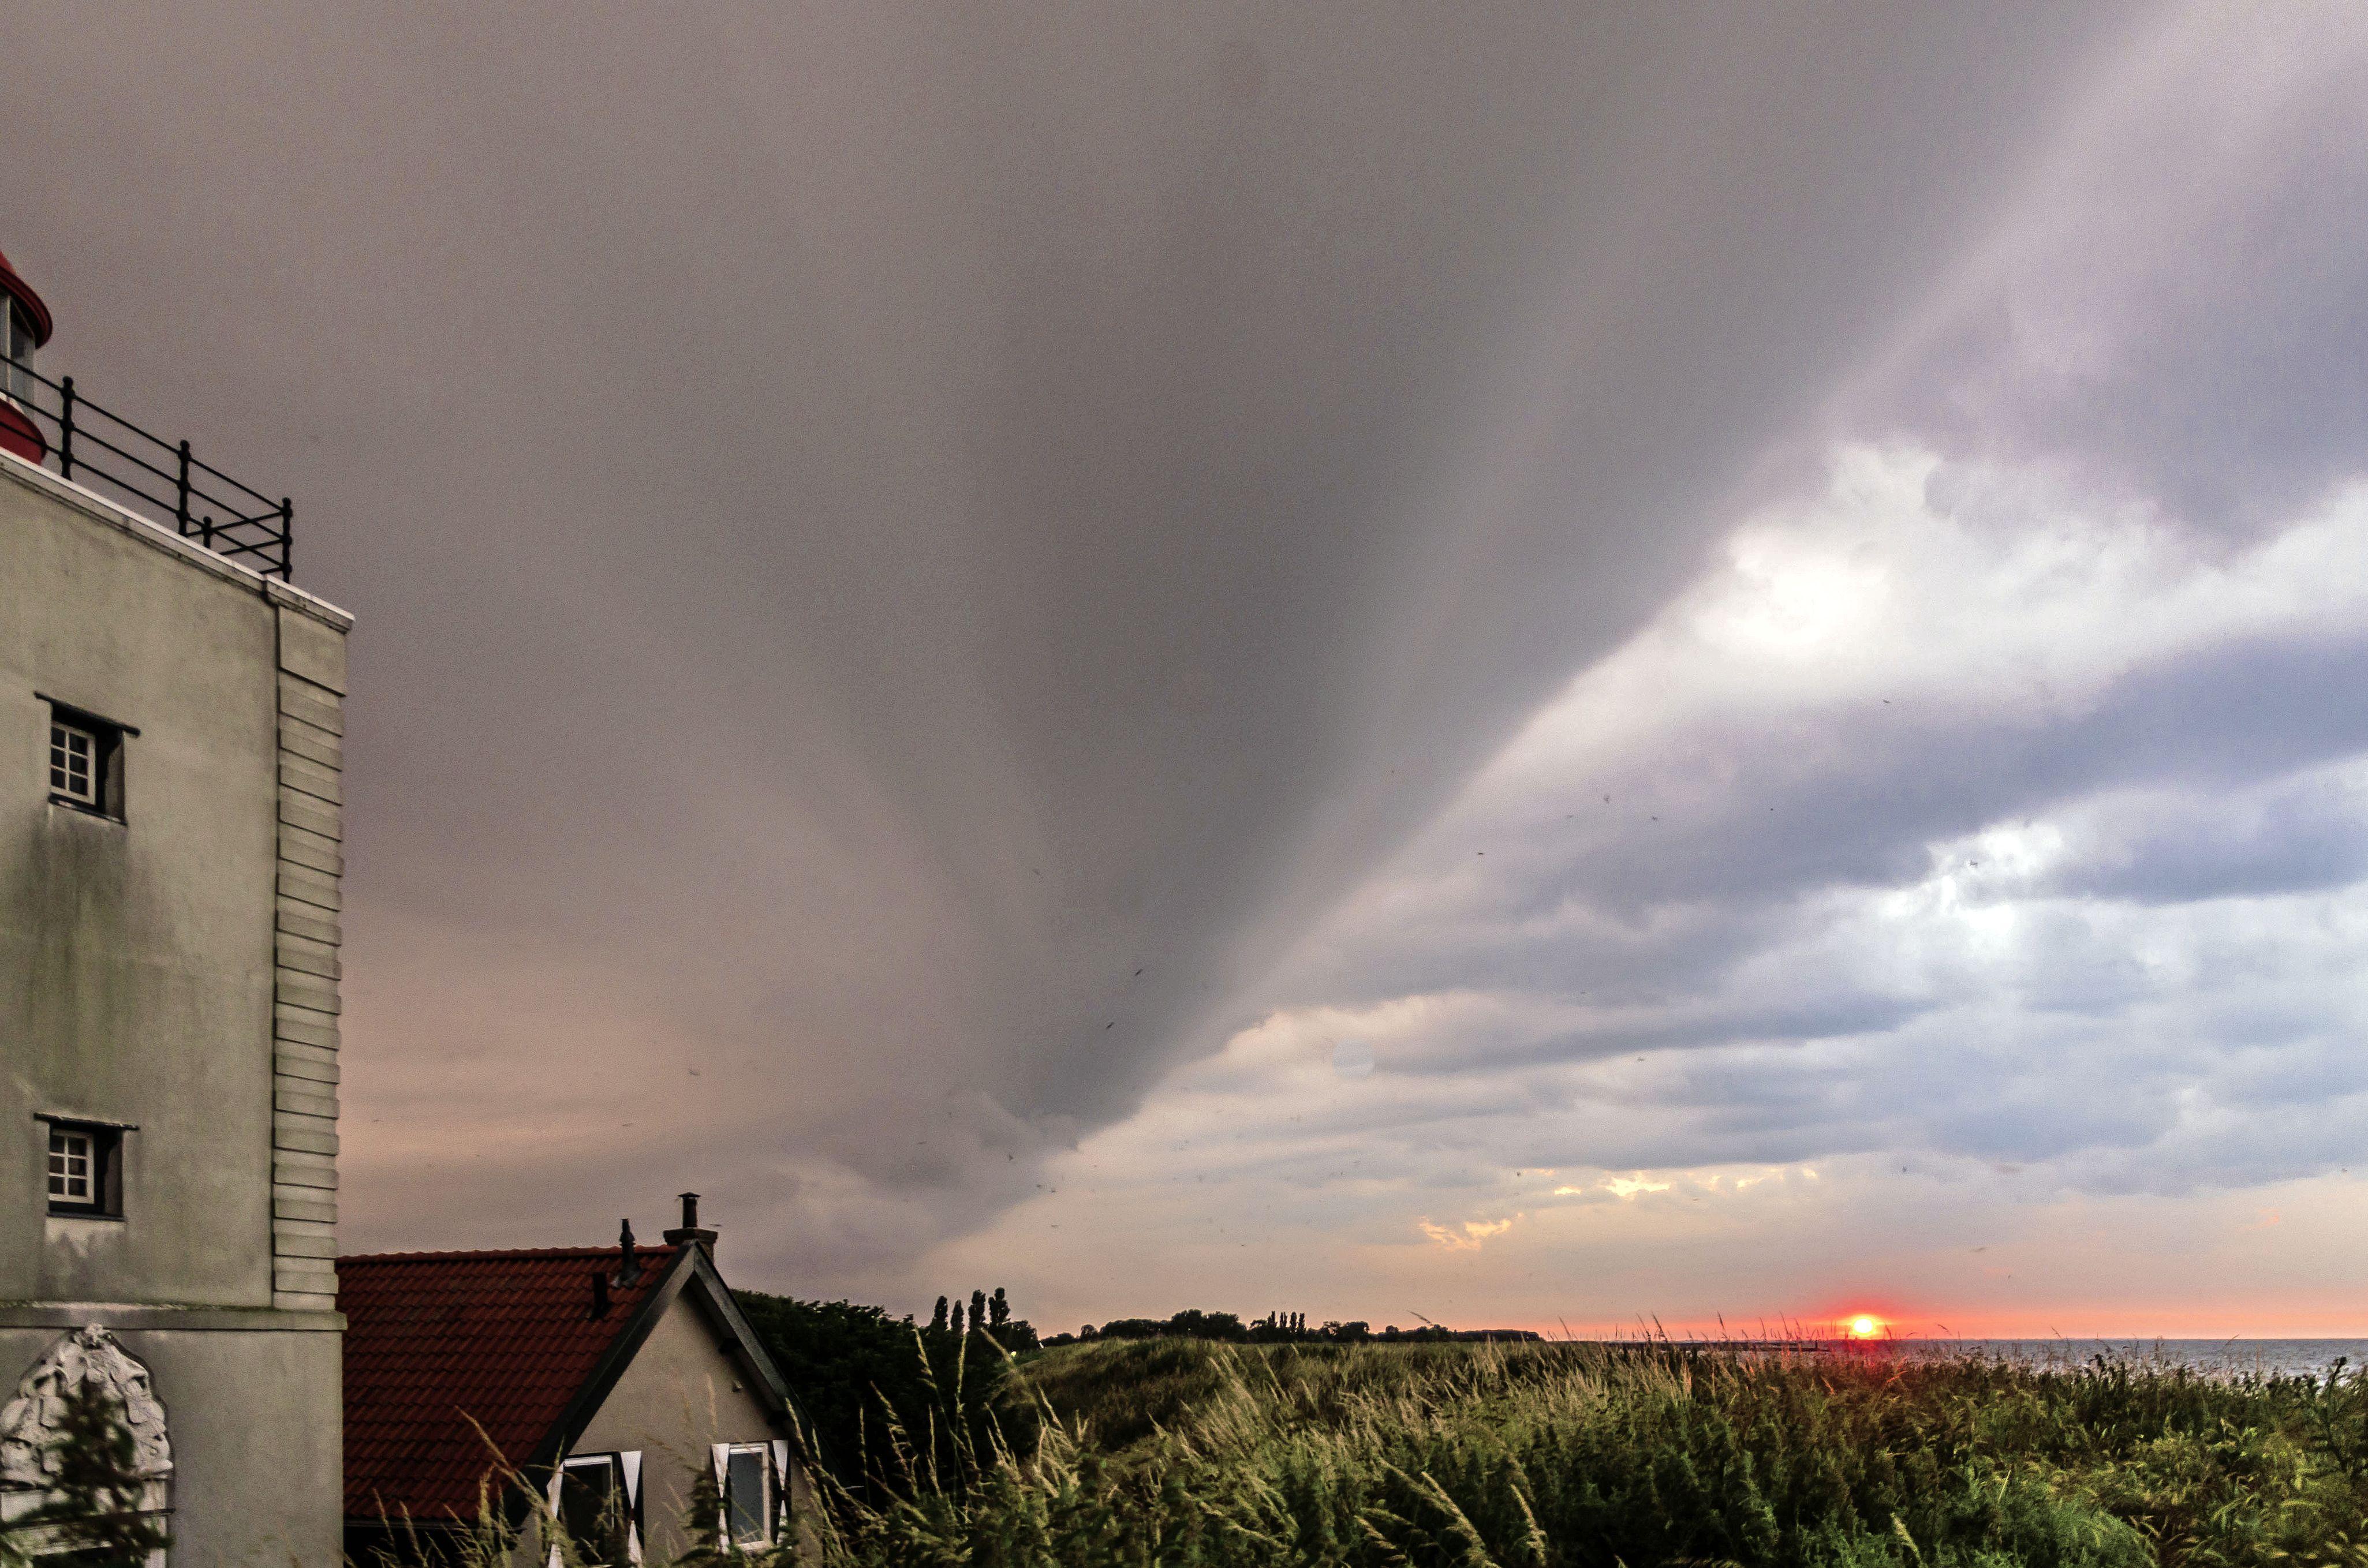 Onweerswolken rollen zich bij ondergaande zon dreigend uit over West-Friesland